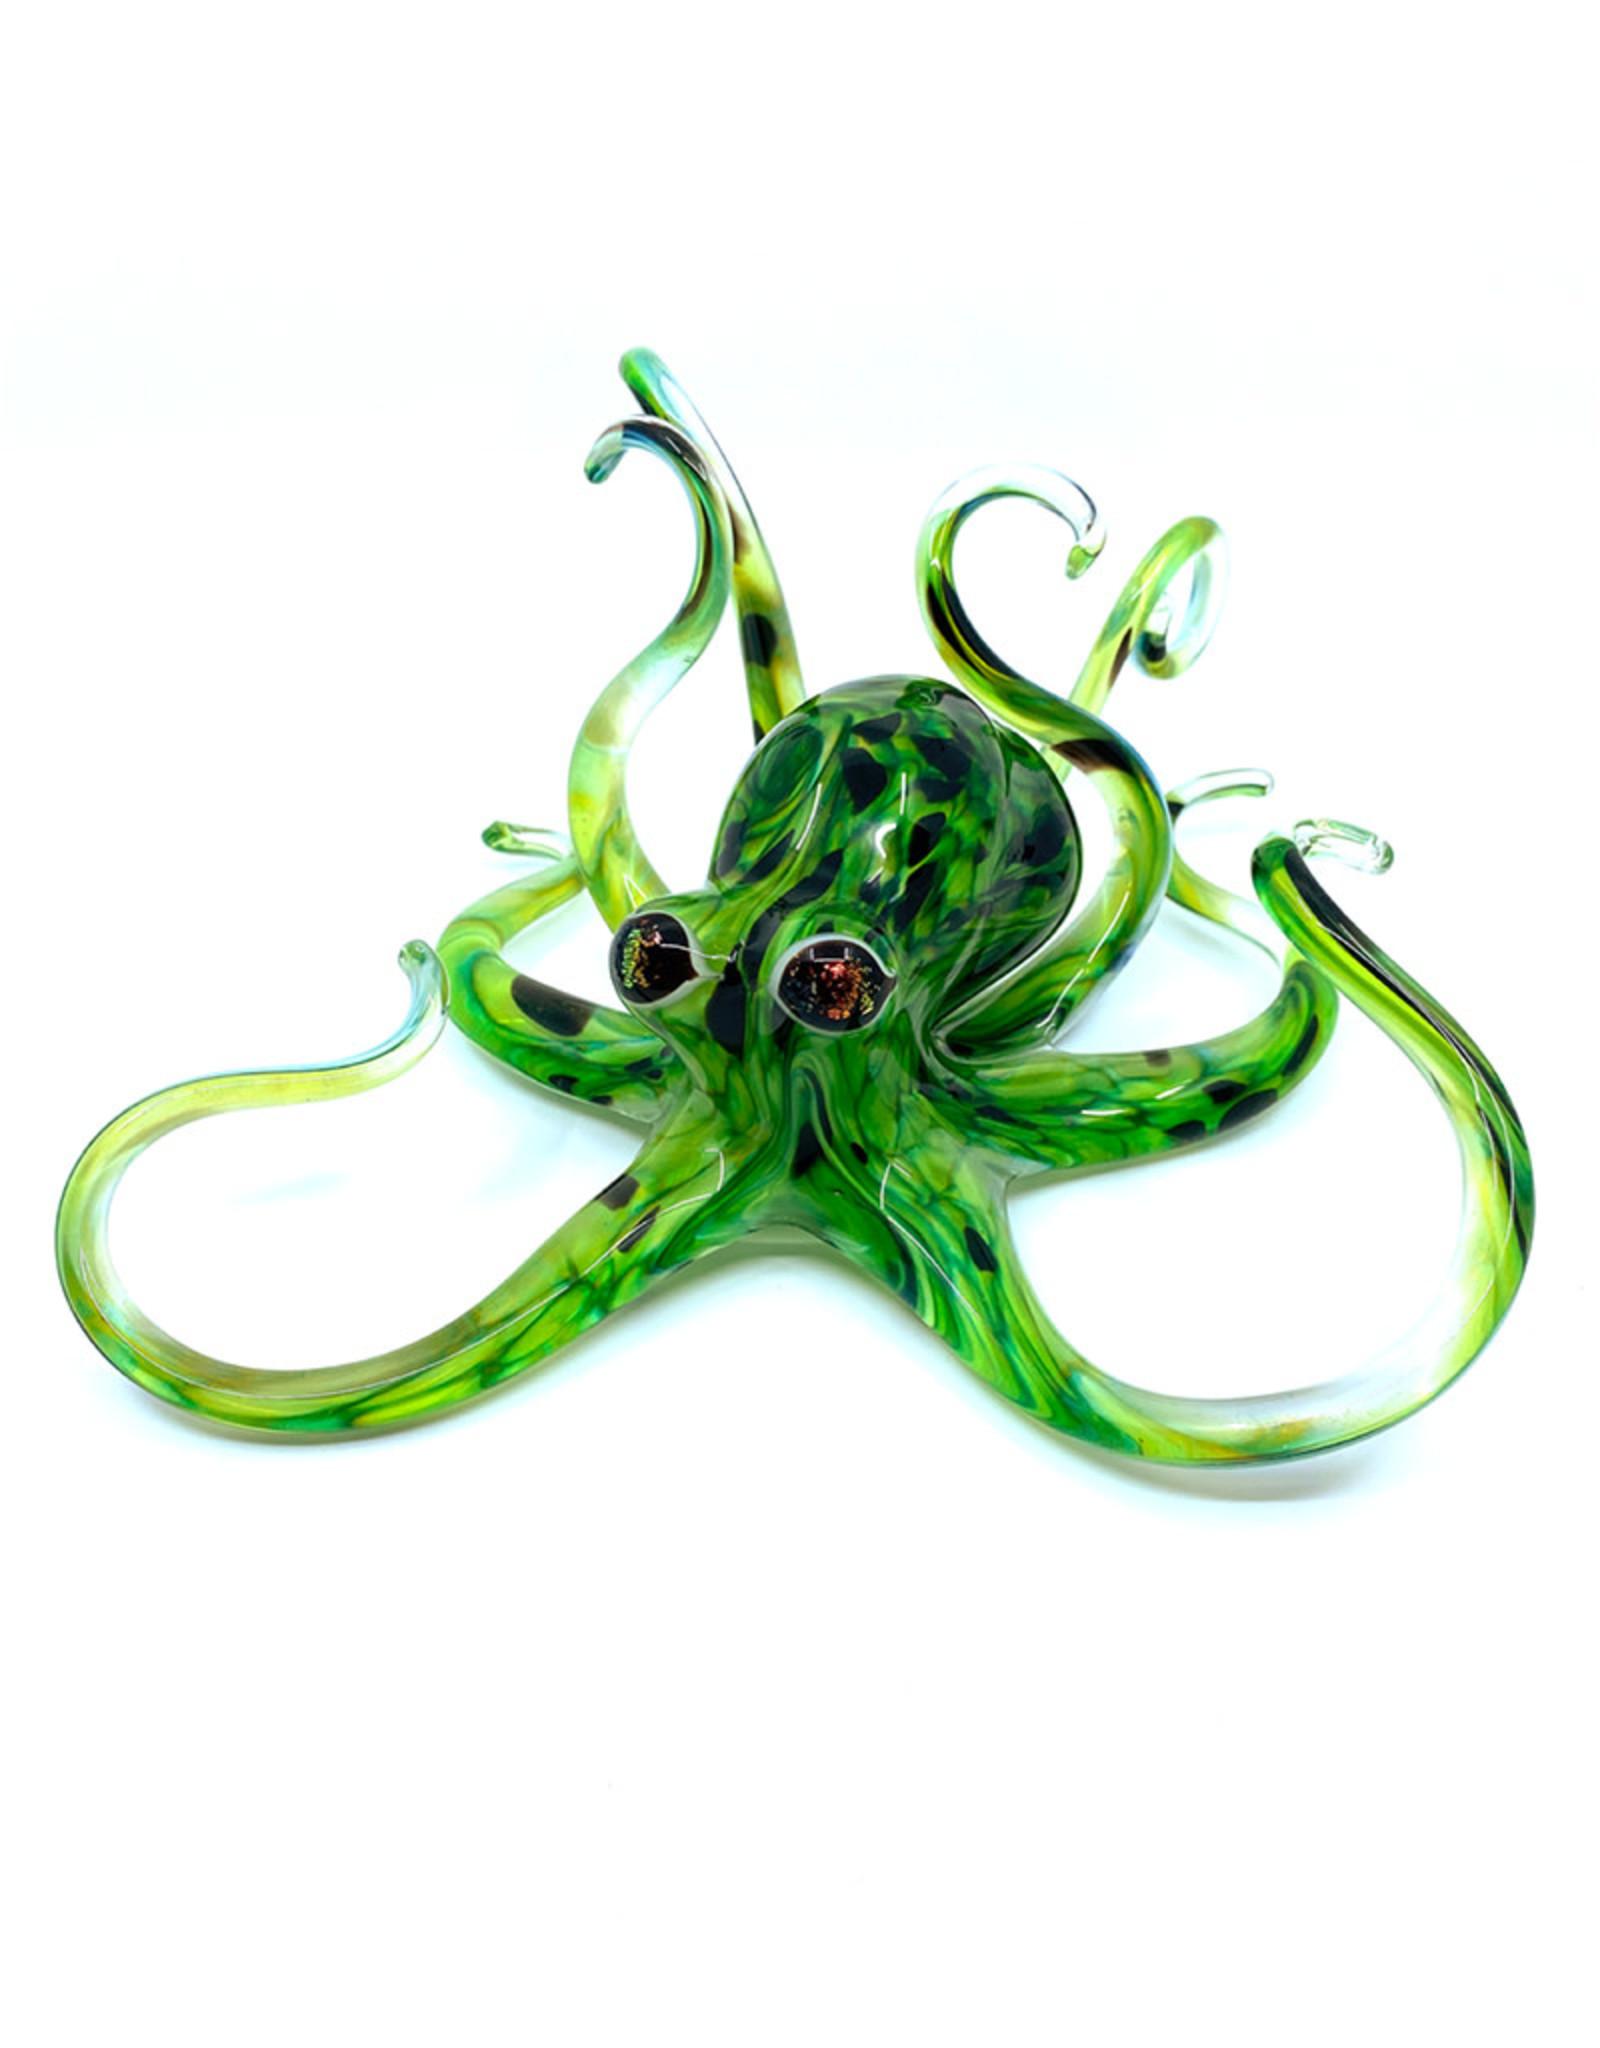 MICHAEL HOPKO SMALL SPRING GREEN OCTOPUS